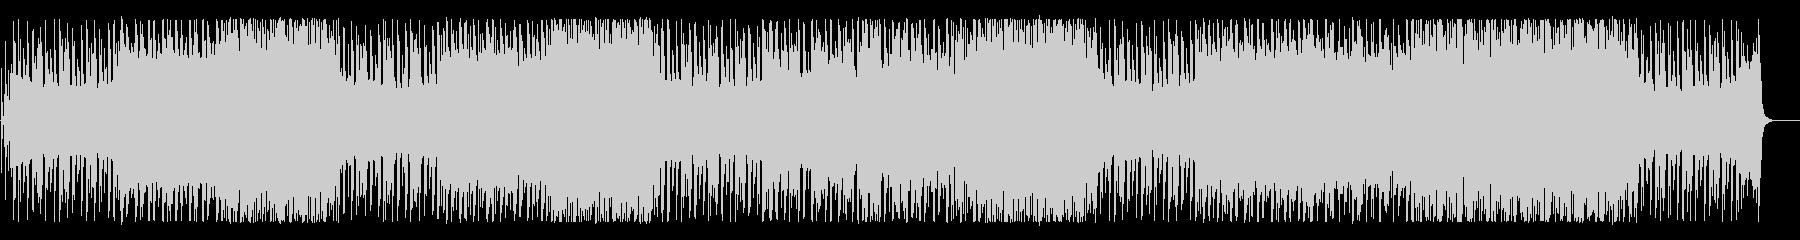 メルヘンチックな可愛らしいBGMの未再生の波形